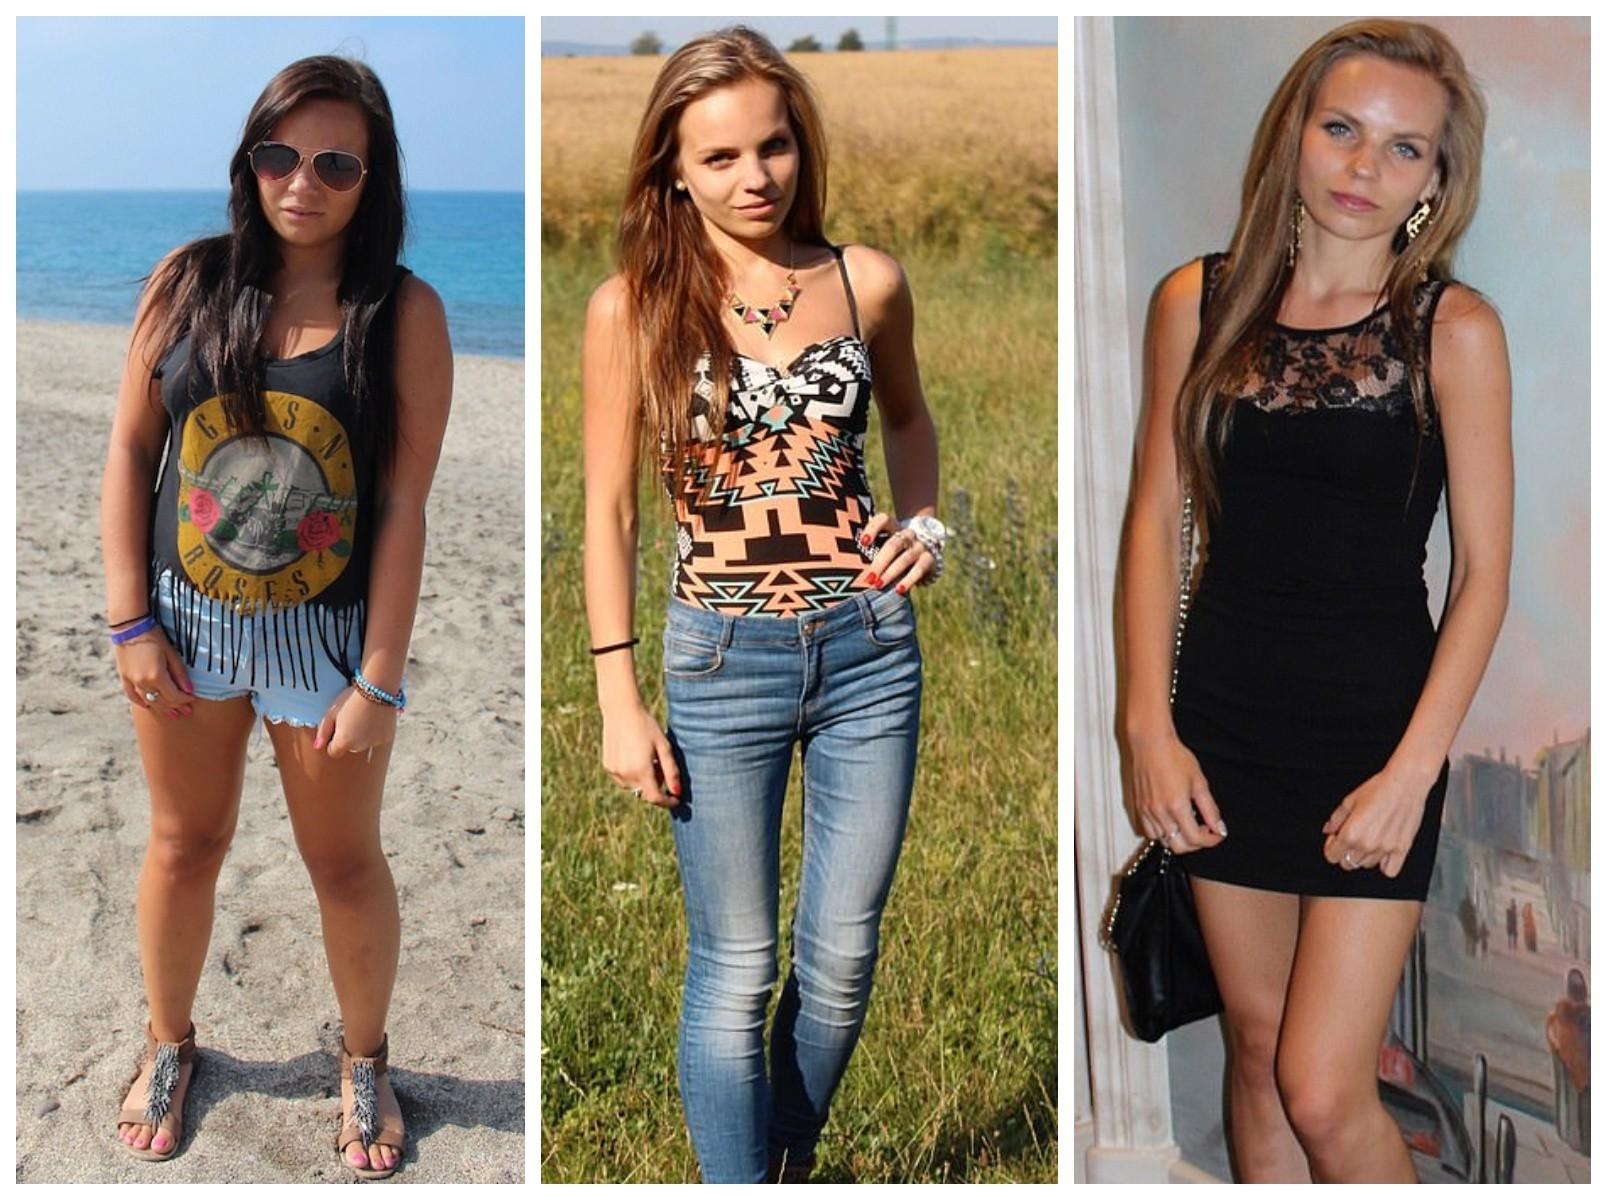 Первое фото — вес Ребеки — 65 кг, второе и третье — 40 кг. Фото © MDWFeatures/Rebeka Tunegova